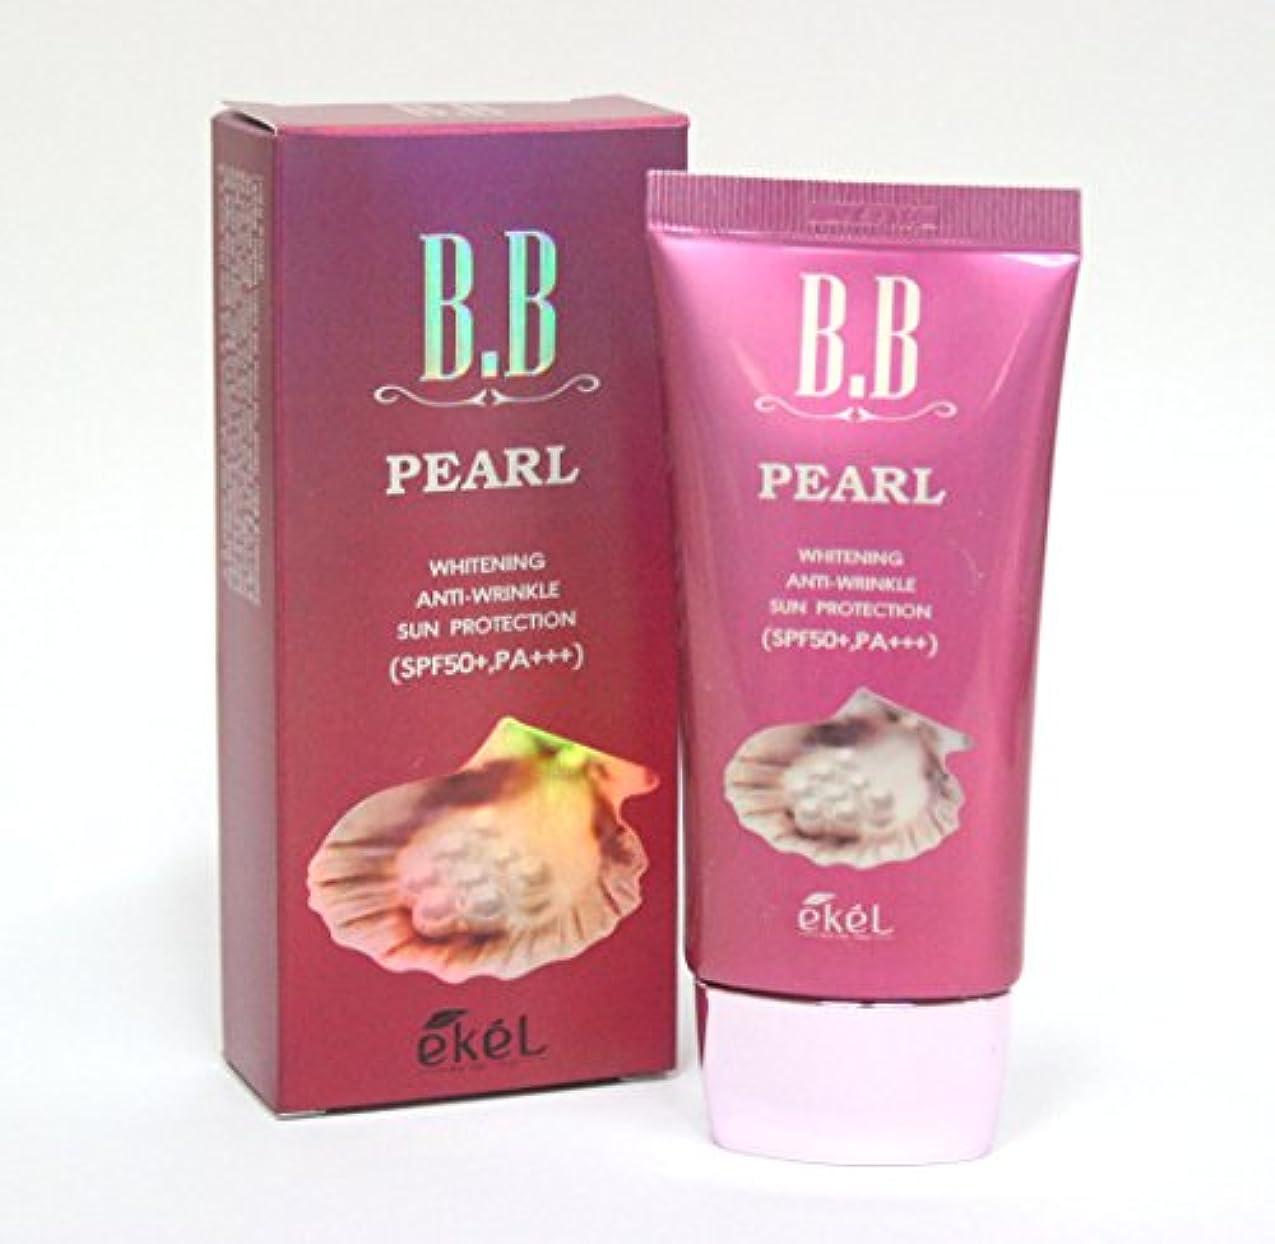 フェード恐怖いらいらする[Ekel] パールBBクリーム50ml / Pearl BB Cream 50ml / ホワイトニング、アンチリンクル、日焼け防止SPF50 + PA +++ / Whitening, Anti-wrinkle, Sun...